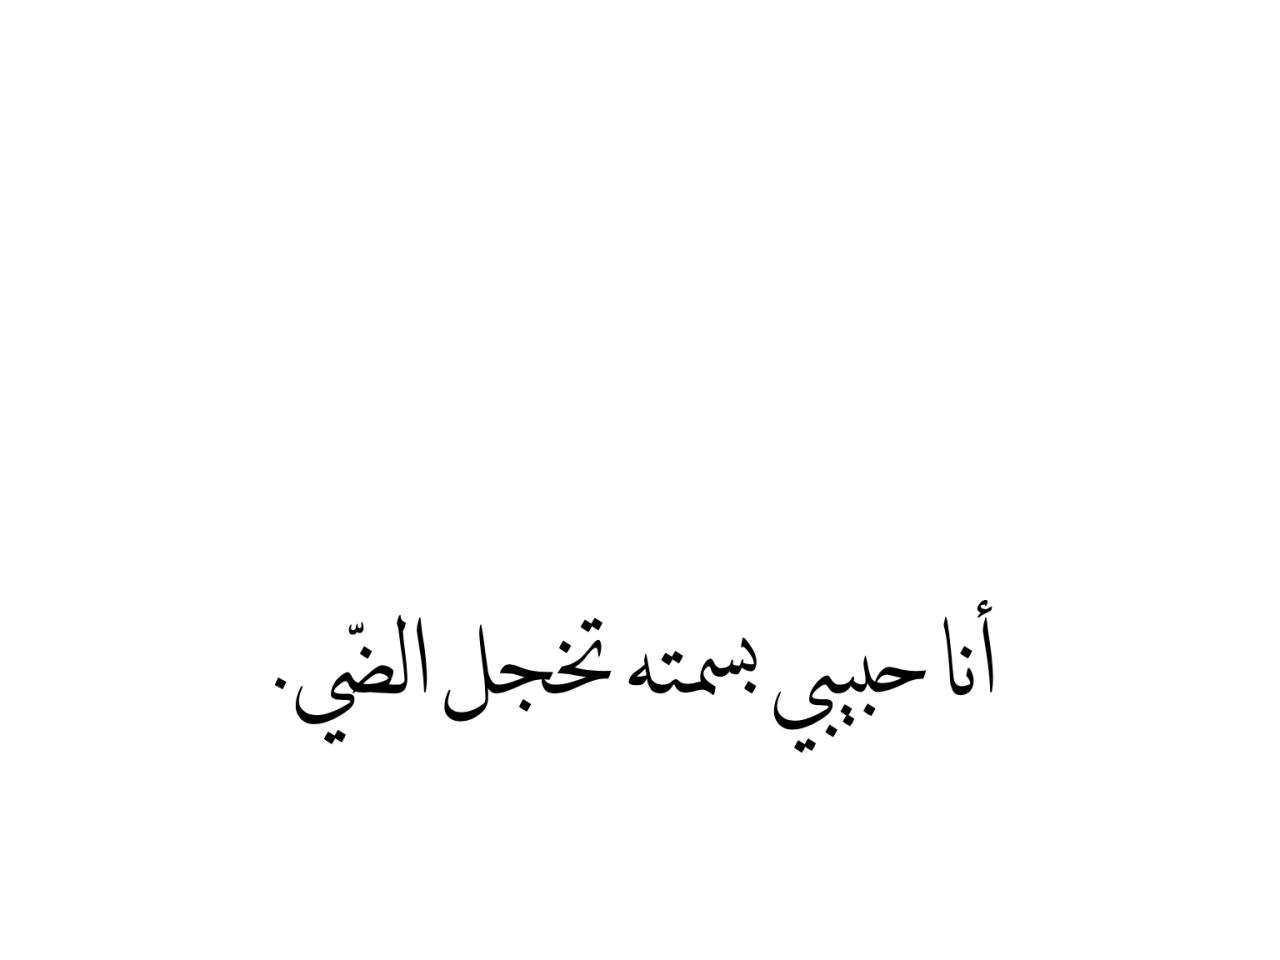 بالصور عبارات حب وعشق , العبارات الاقوى عن الحب والعشق 6638 1